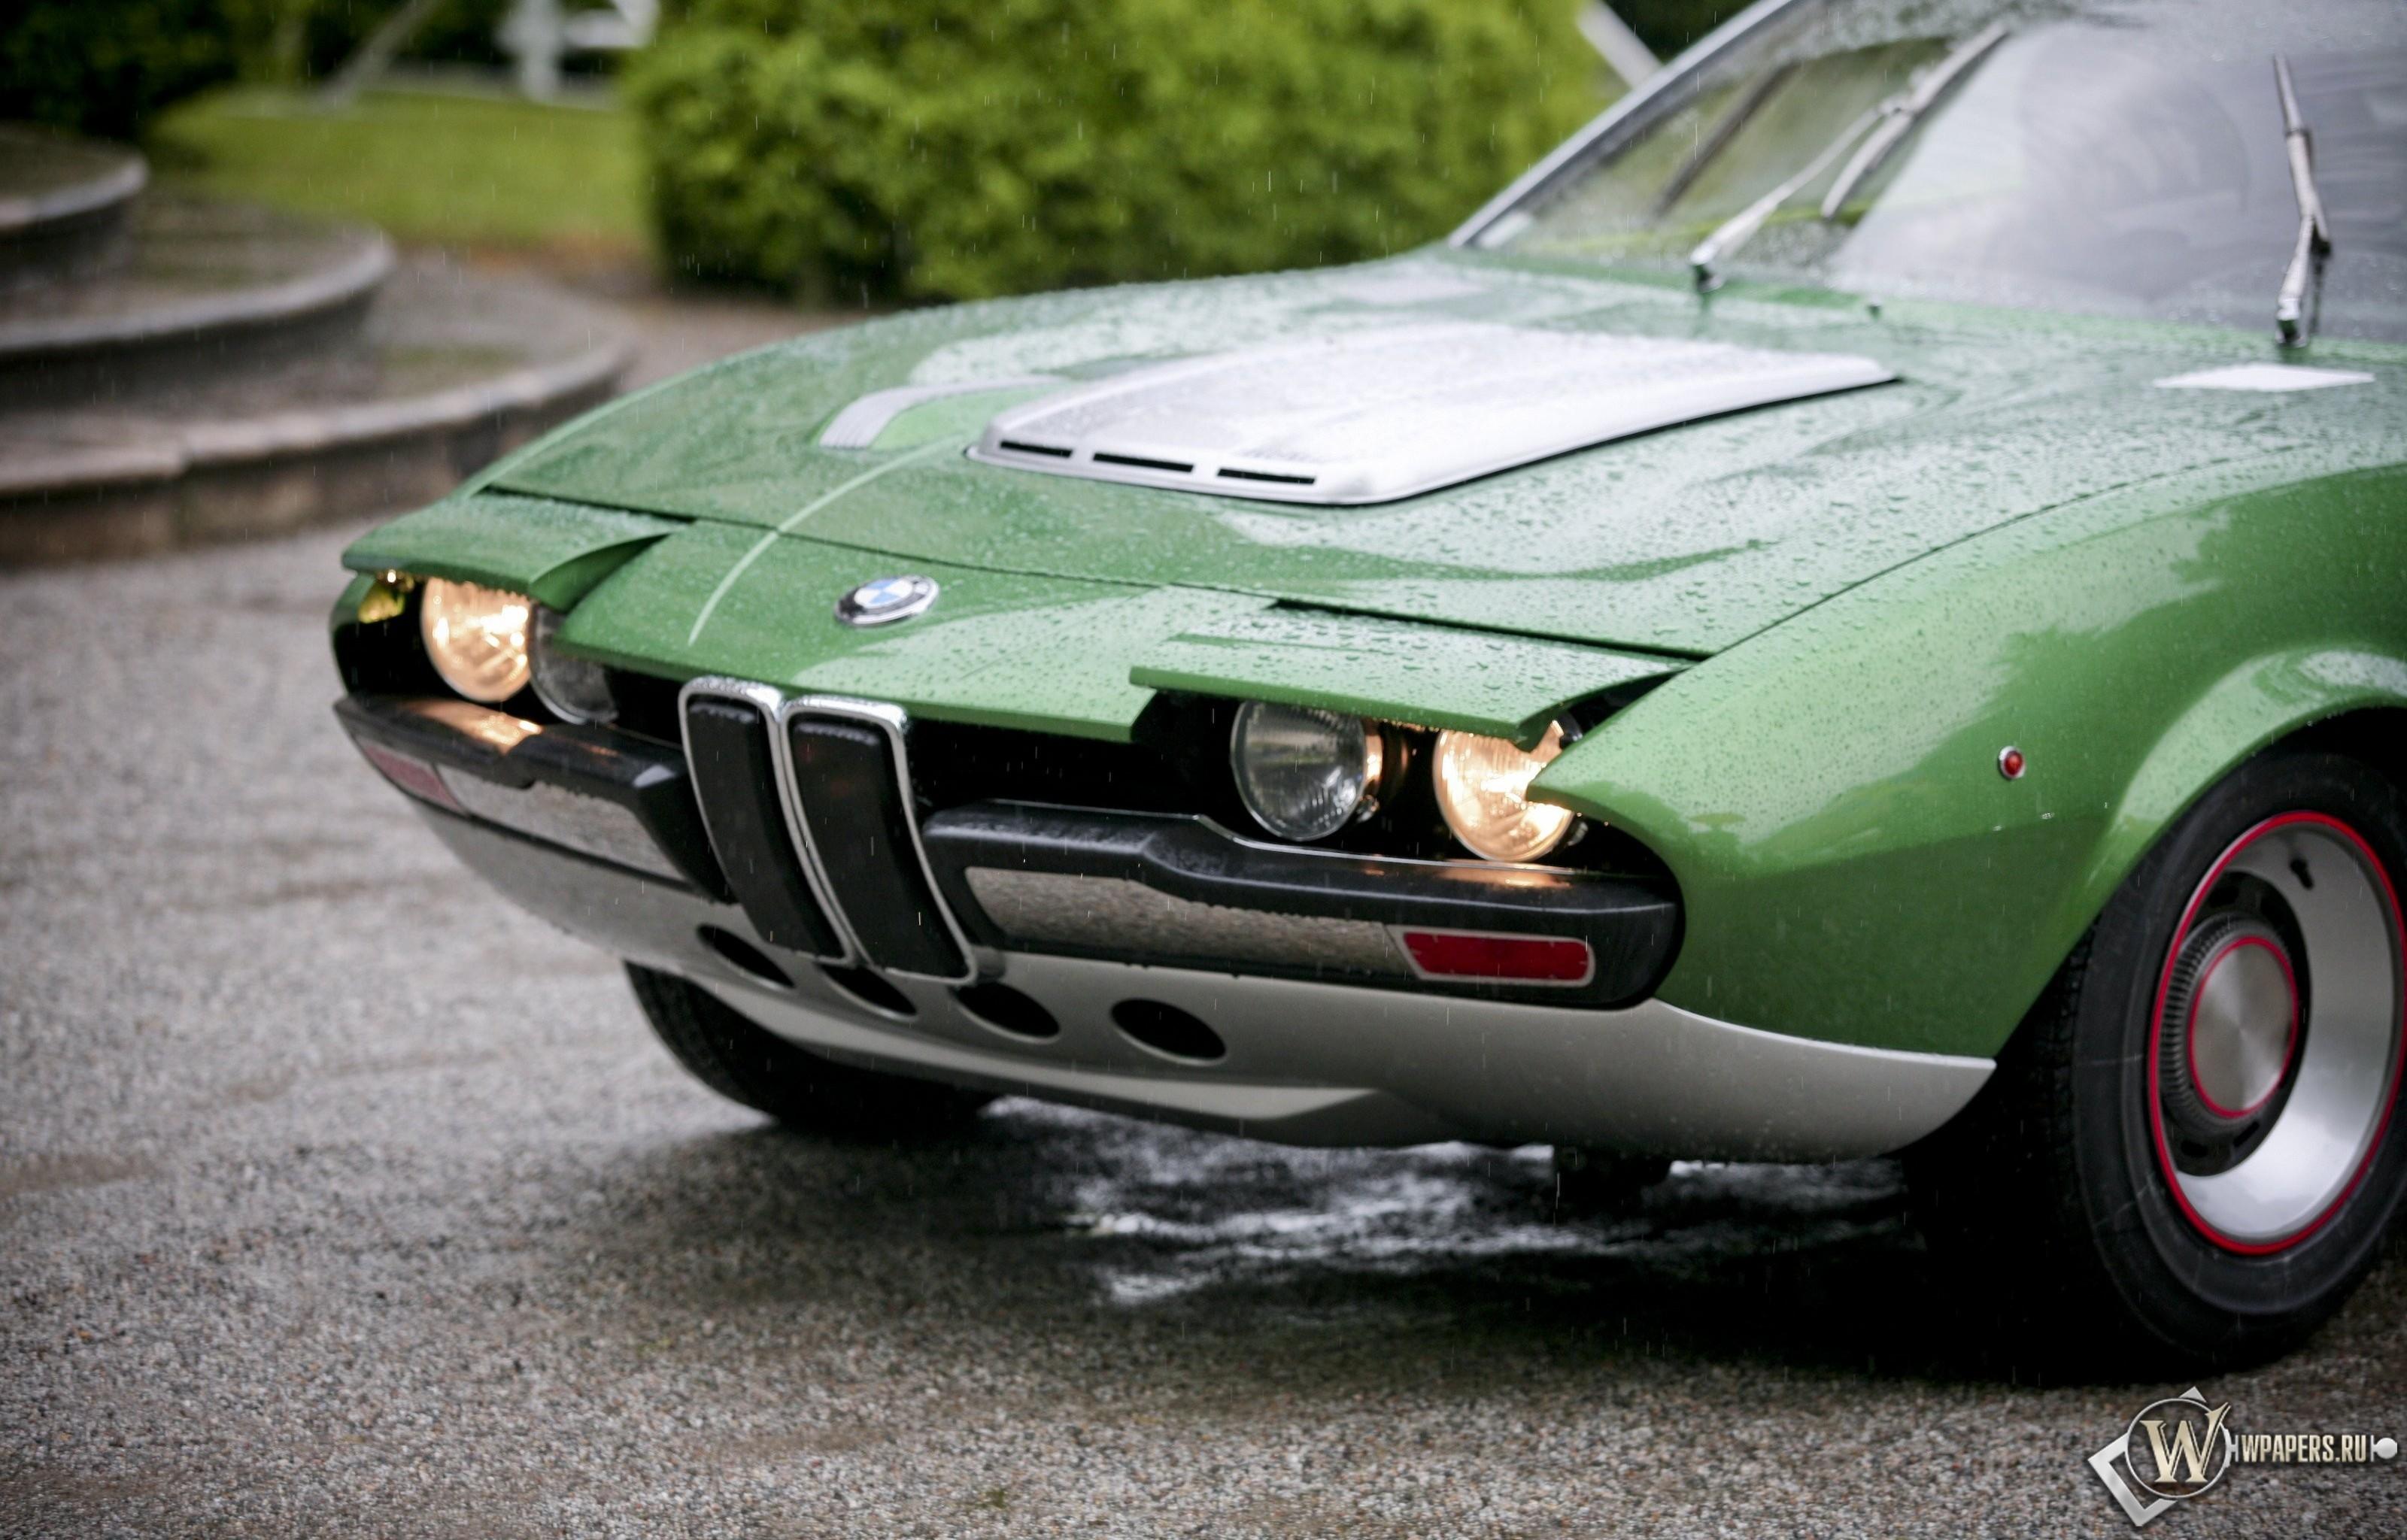 Скачать обои BMW 2800 Spicup Bertone (1969) (BMW) для ...